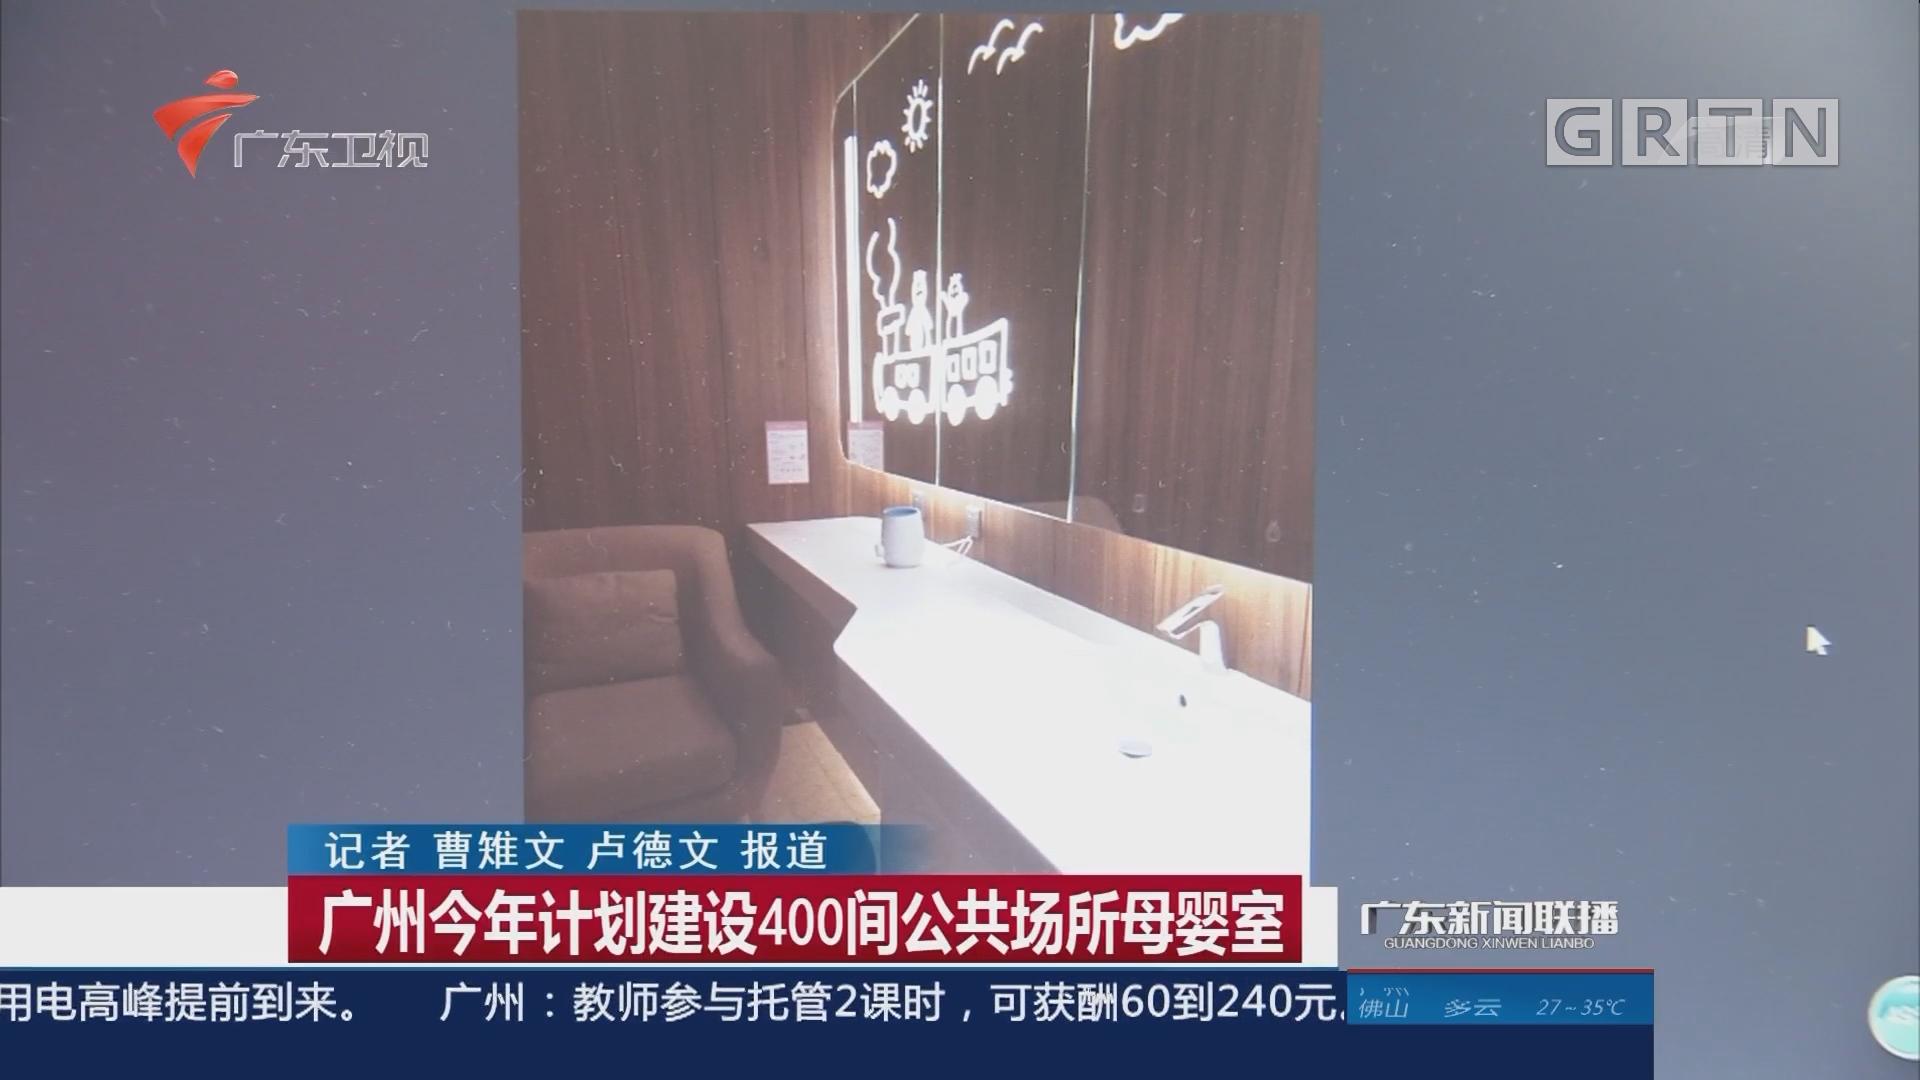 广州今年计划建设400间公共场所母婴室